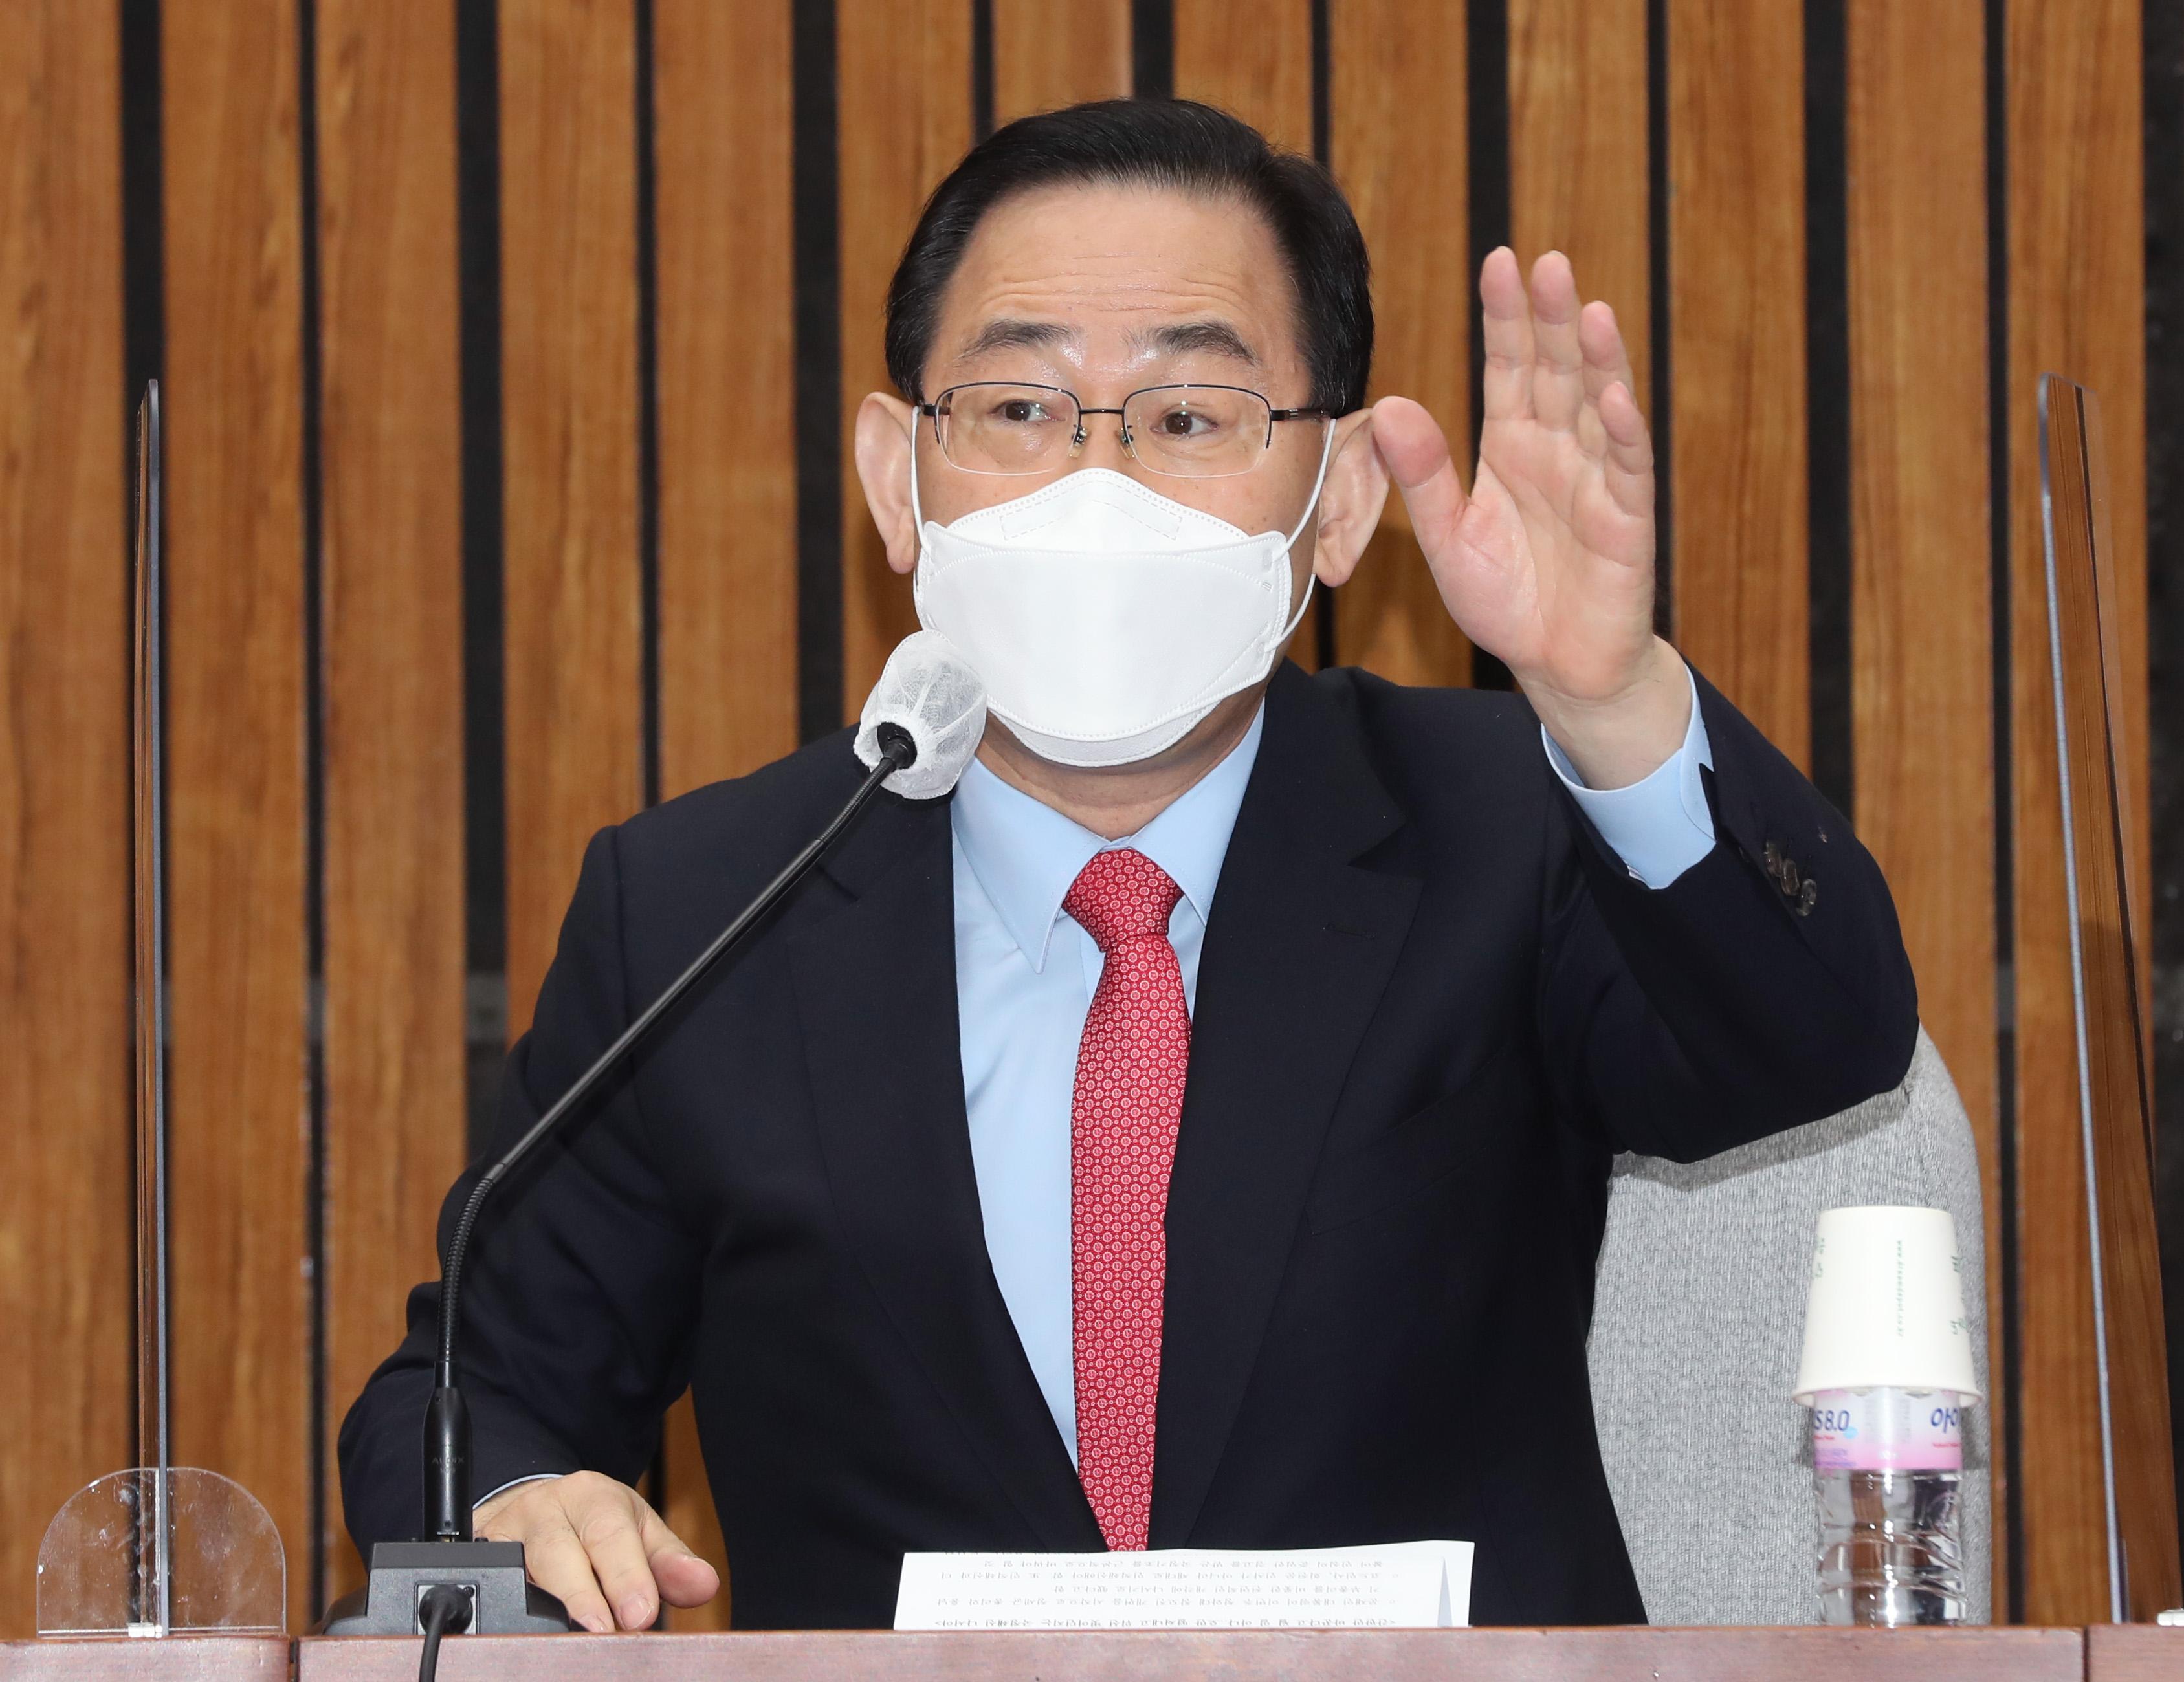 """주호영 """"국민의당과 합당부터 정리하고 당대표 출마 결정하겠다"""""""